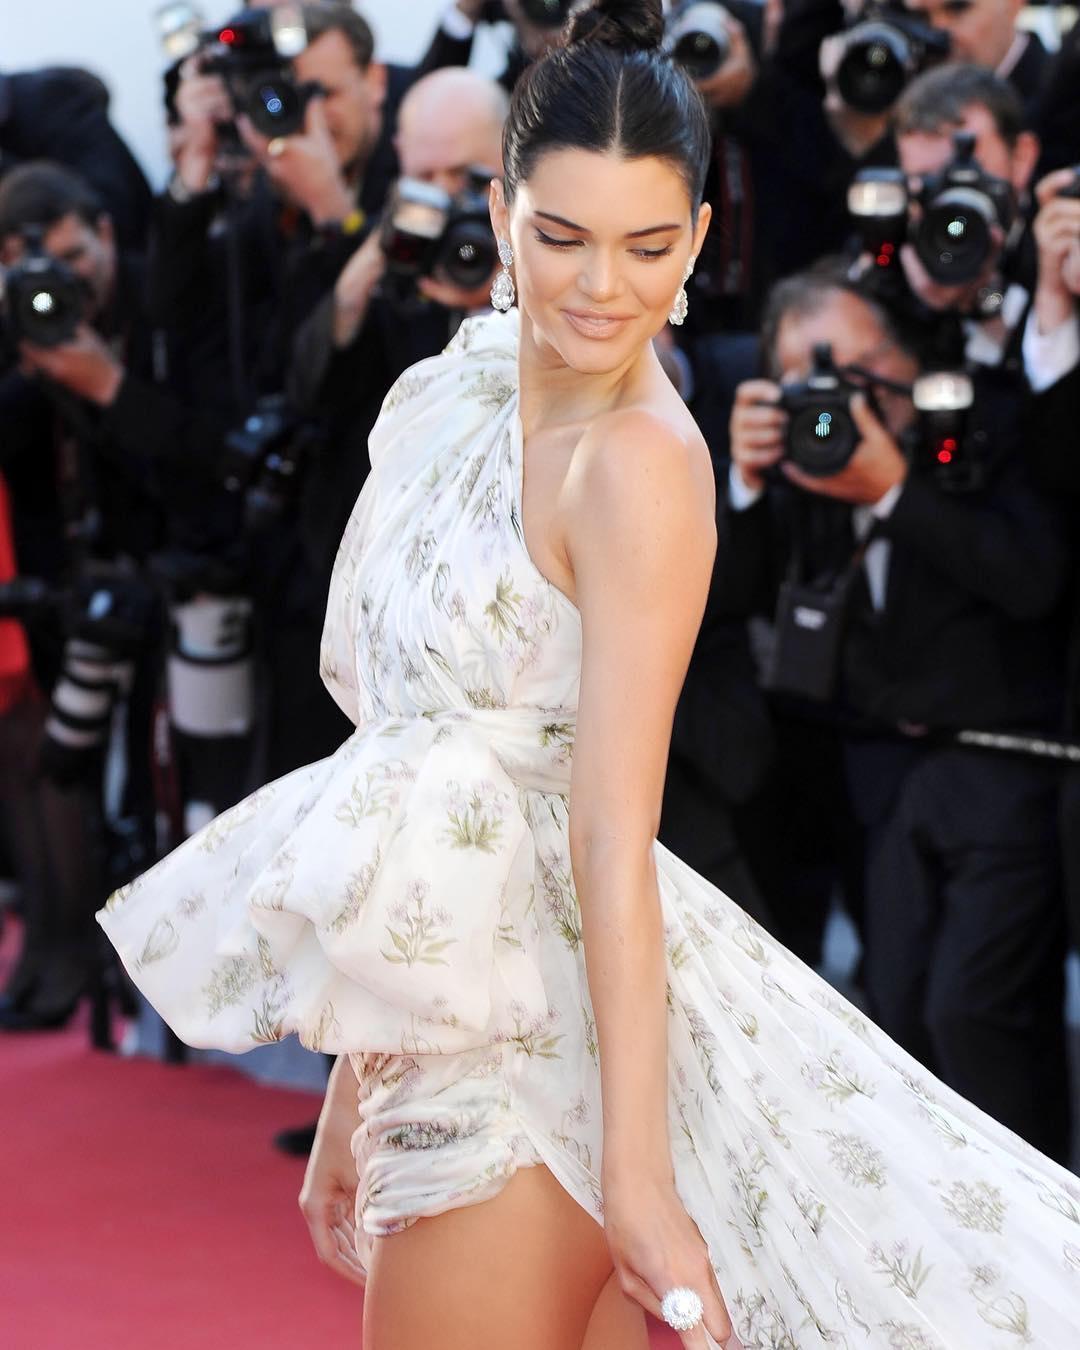 Dünyaca ünlü model Kendall Jenner sexy elbisesi ve kusursuz güzelliği ile yürek hoplattı. Resim arşivi foto galeri görüntüle, HD albüm 2017.